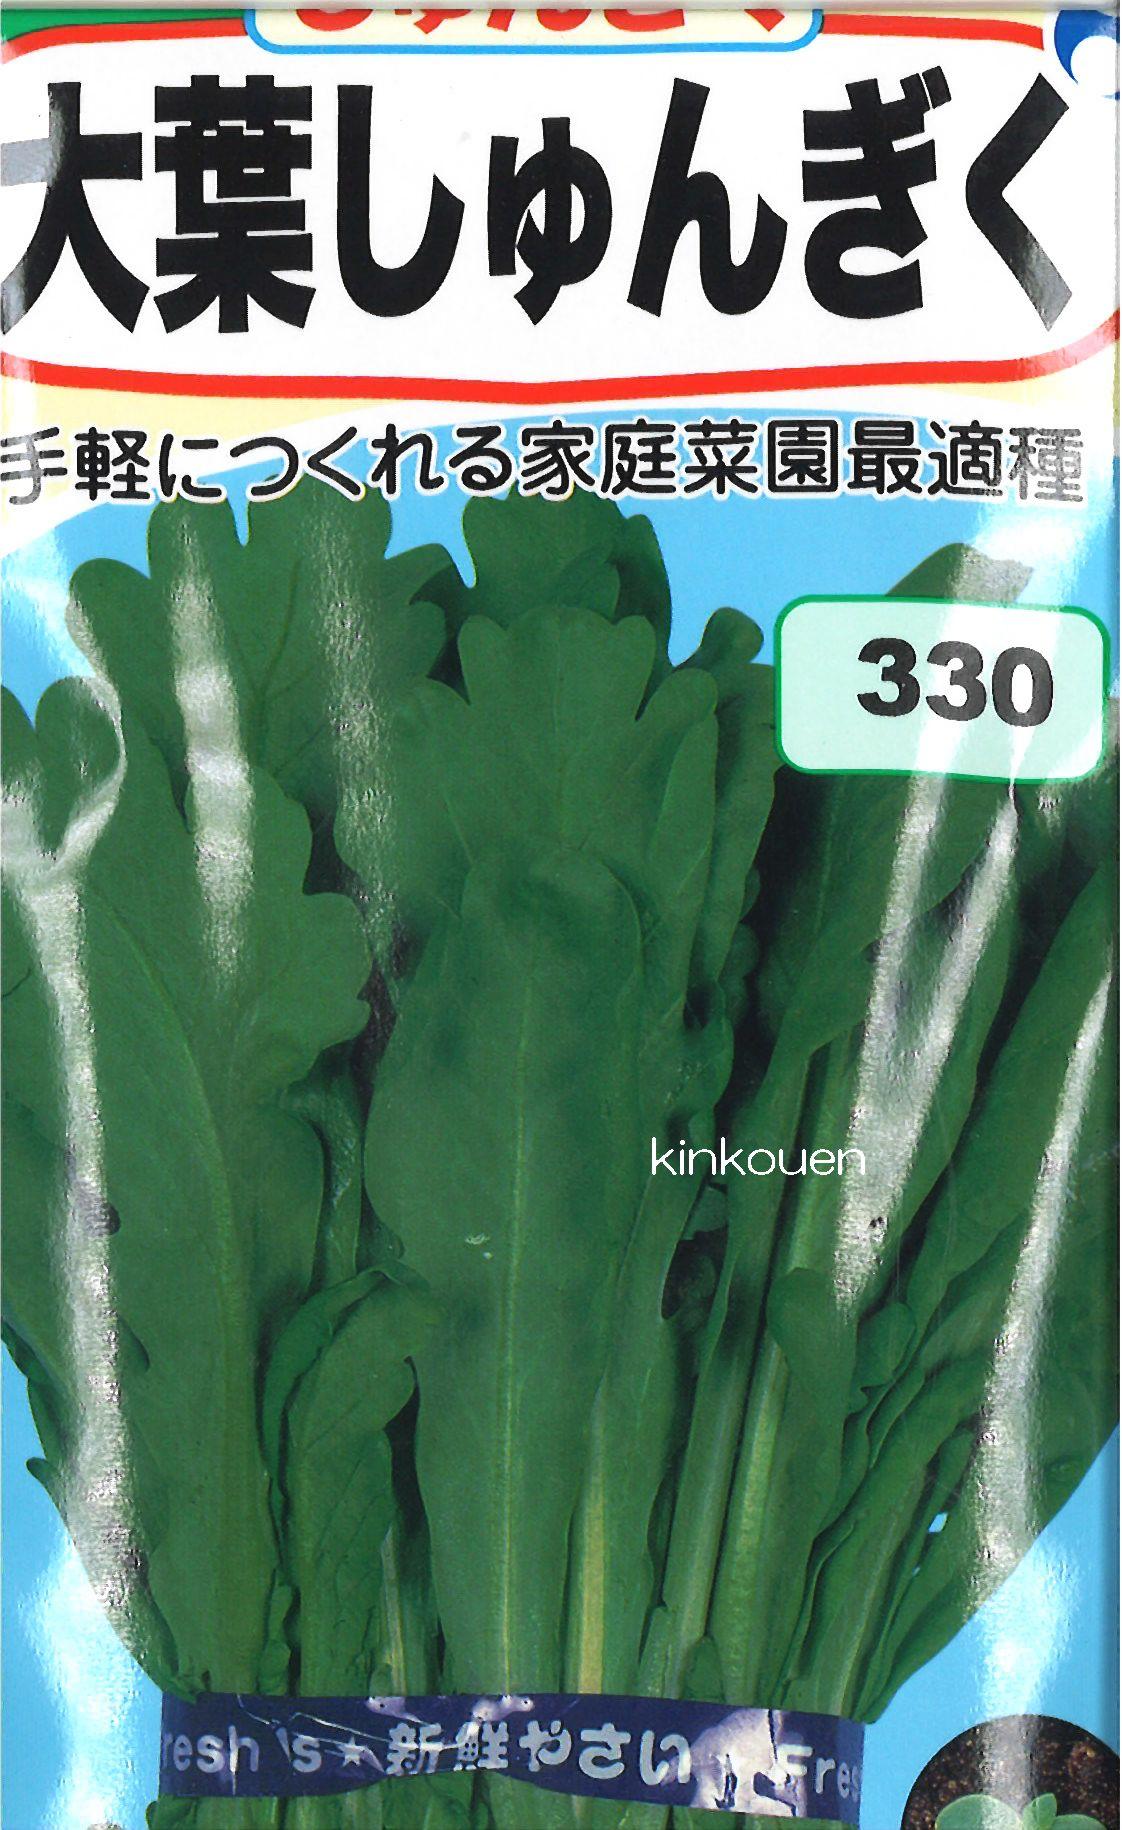 【代引不可】【5袋まで送料80円】 □ シュンギク 大葉しゅんぎく LL